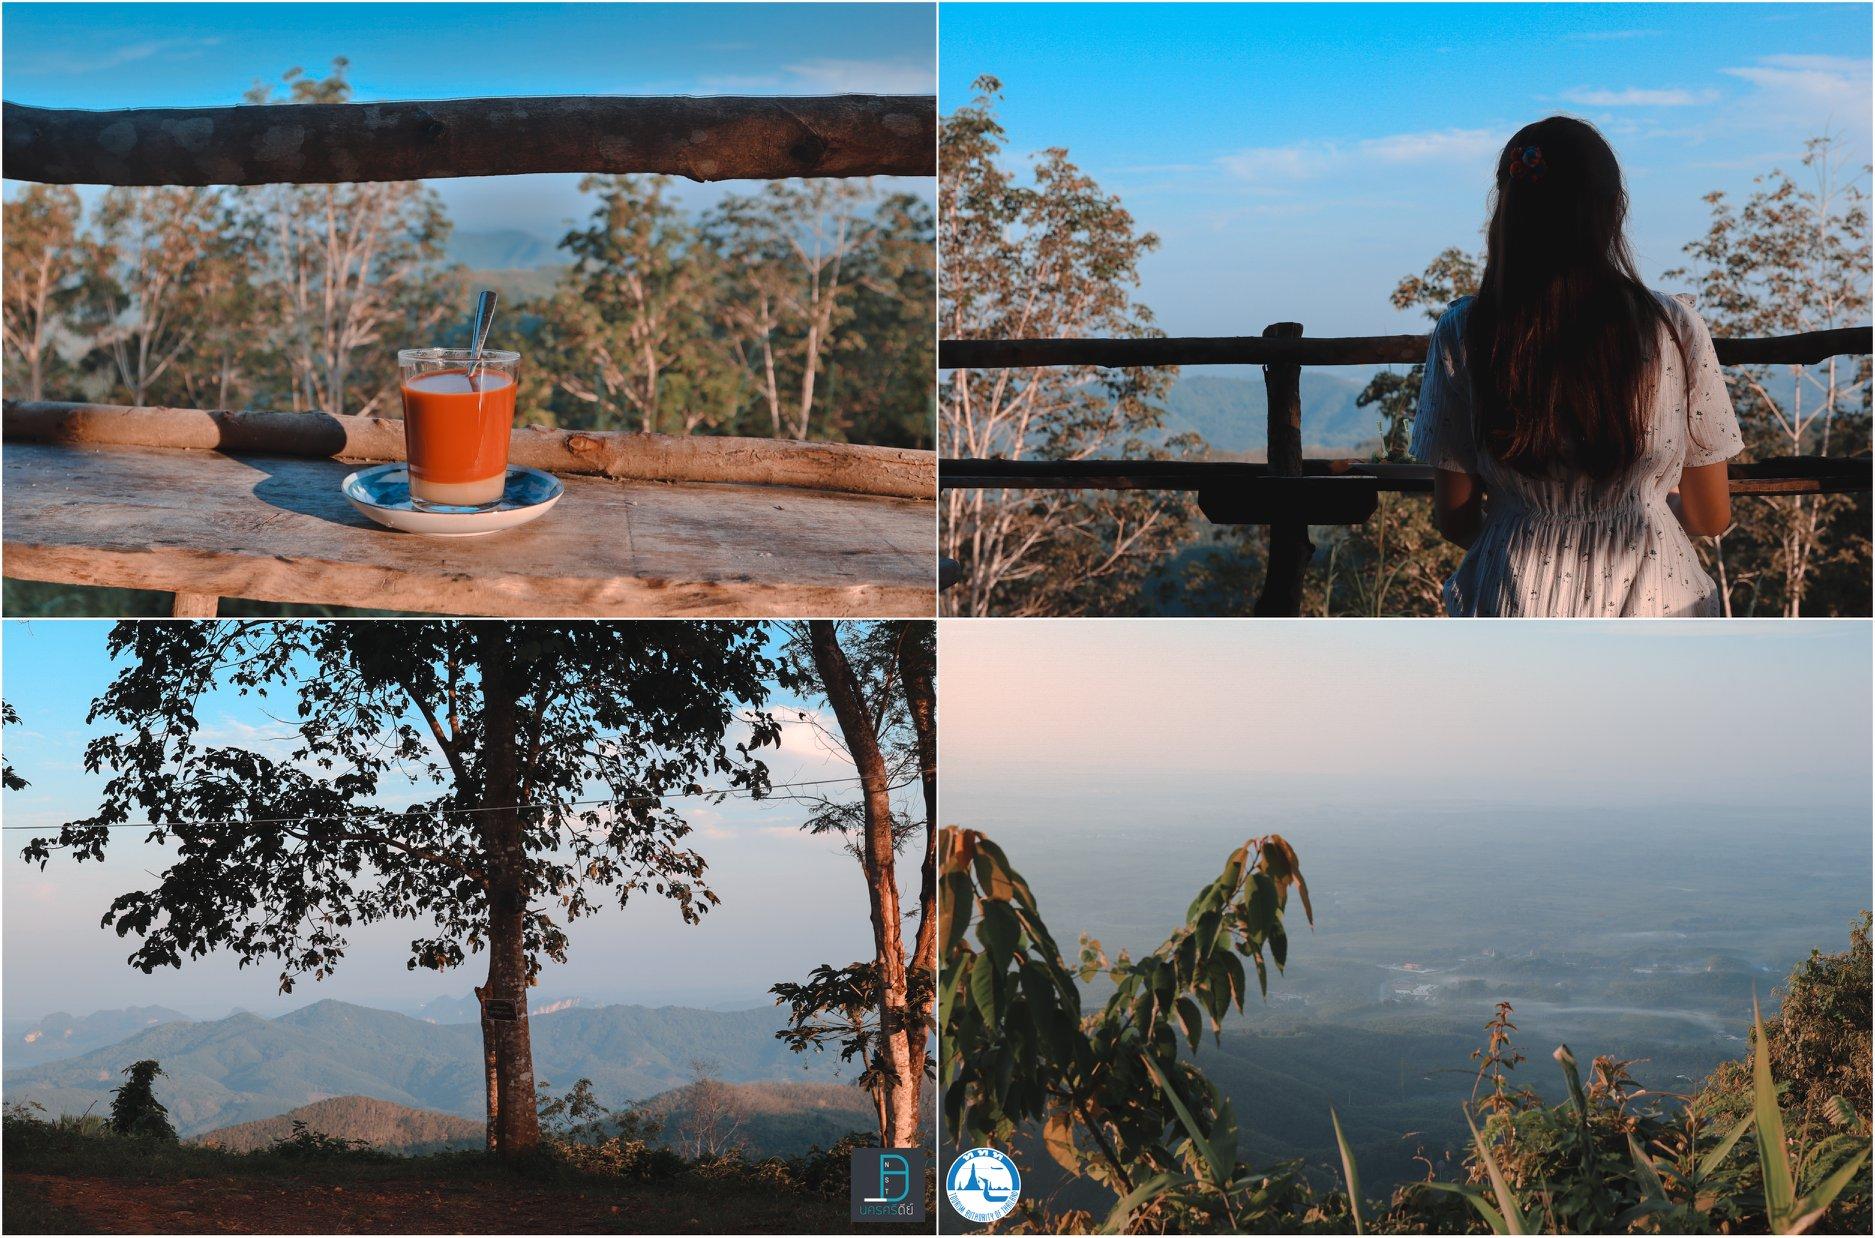 จุดนั่งฟิน-โรงเตี๊ยมบนเขาศูนย์-ชาร้อนฟินๆ-ชมหมอก นครศรีธรรมราช,จุดเช็คอิน,ที่ท่องเที่ยว,ของกิน,โกโก้,TAT,การท่องเที่ยวแห่งประเทศไทย